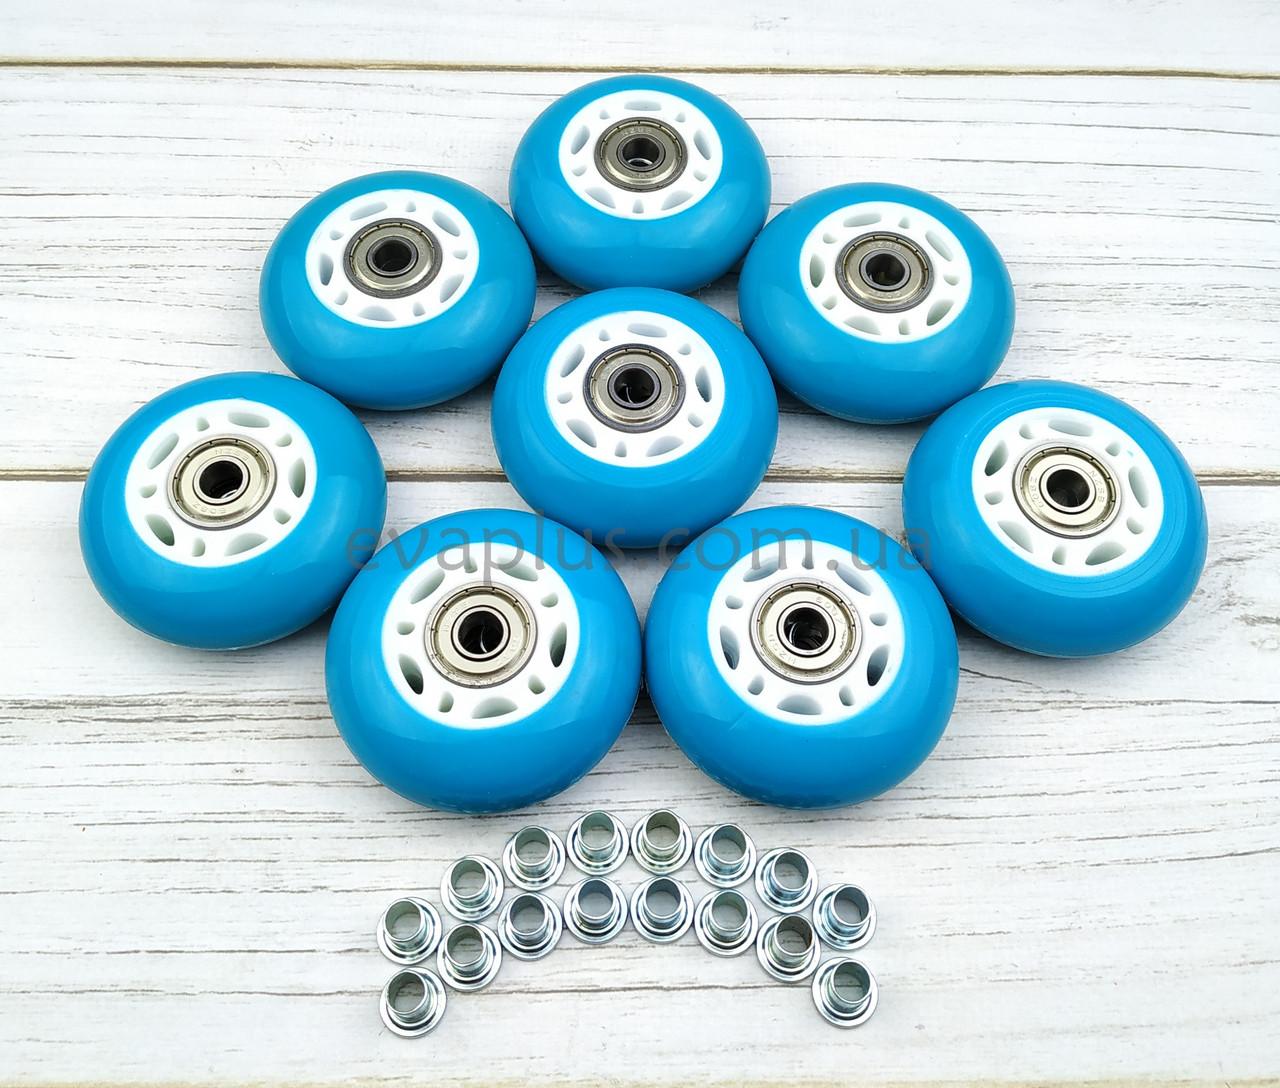 Колеса для роликовых коньков 64 мм. 8 шт (голубые)